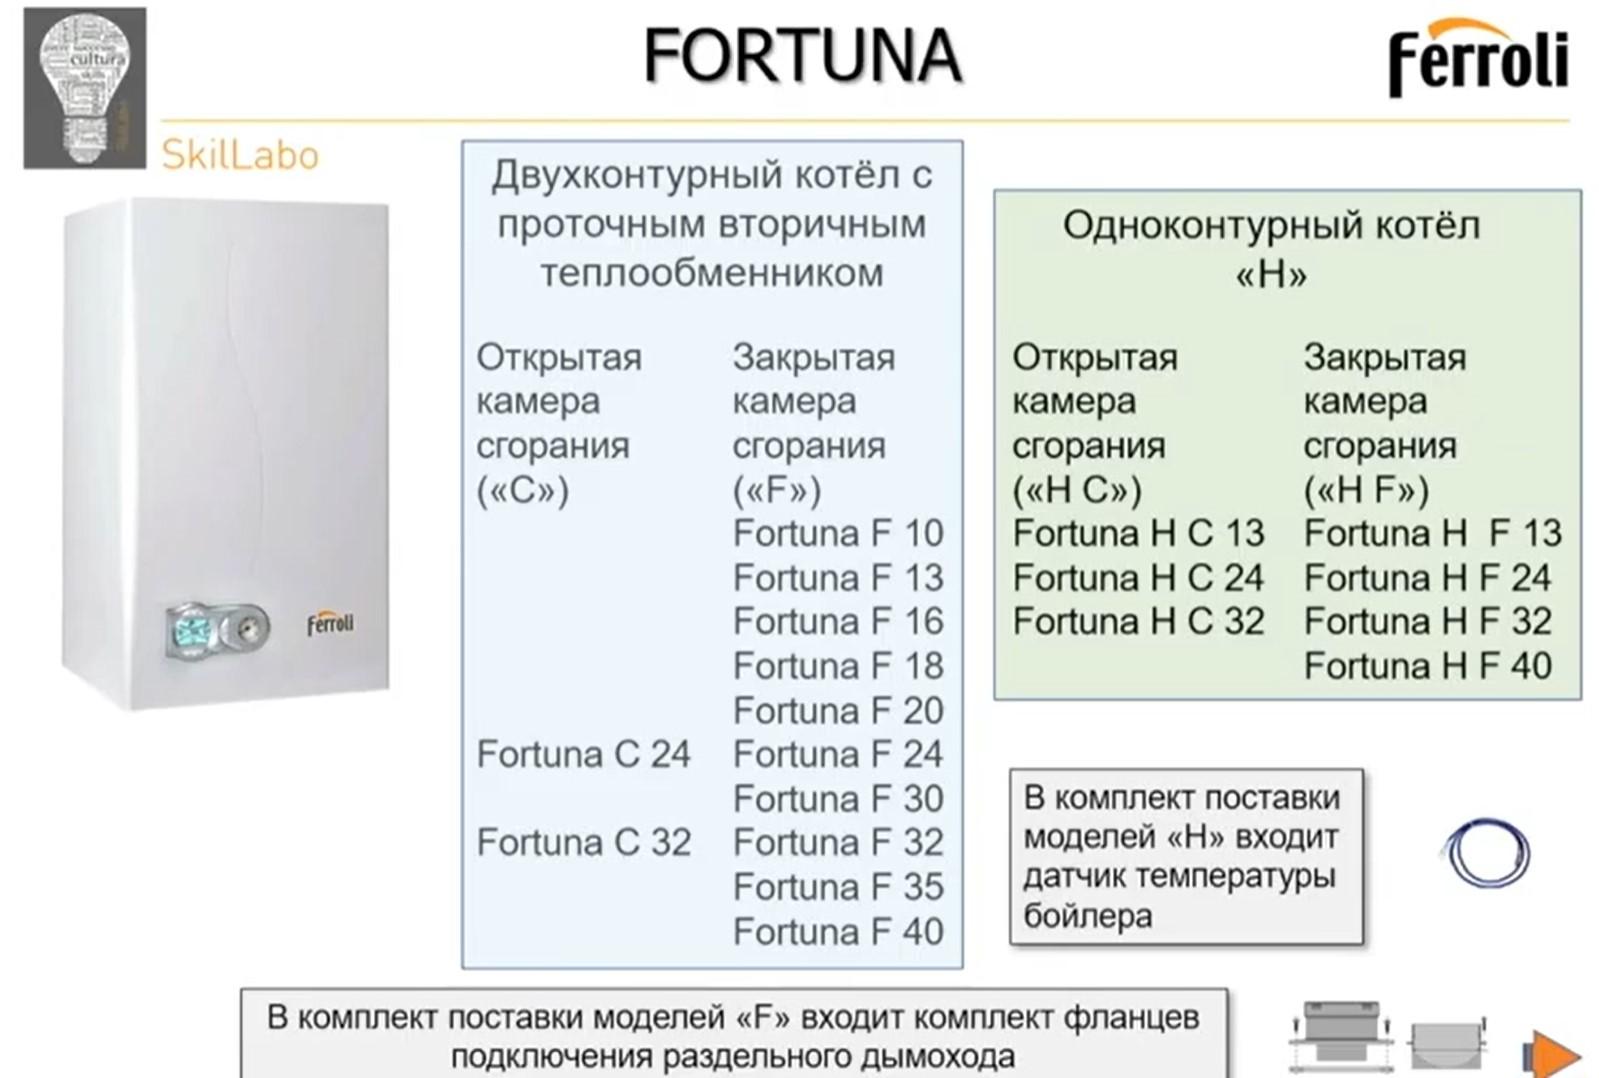 Котлы Fortuna